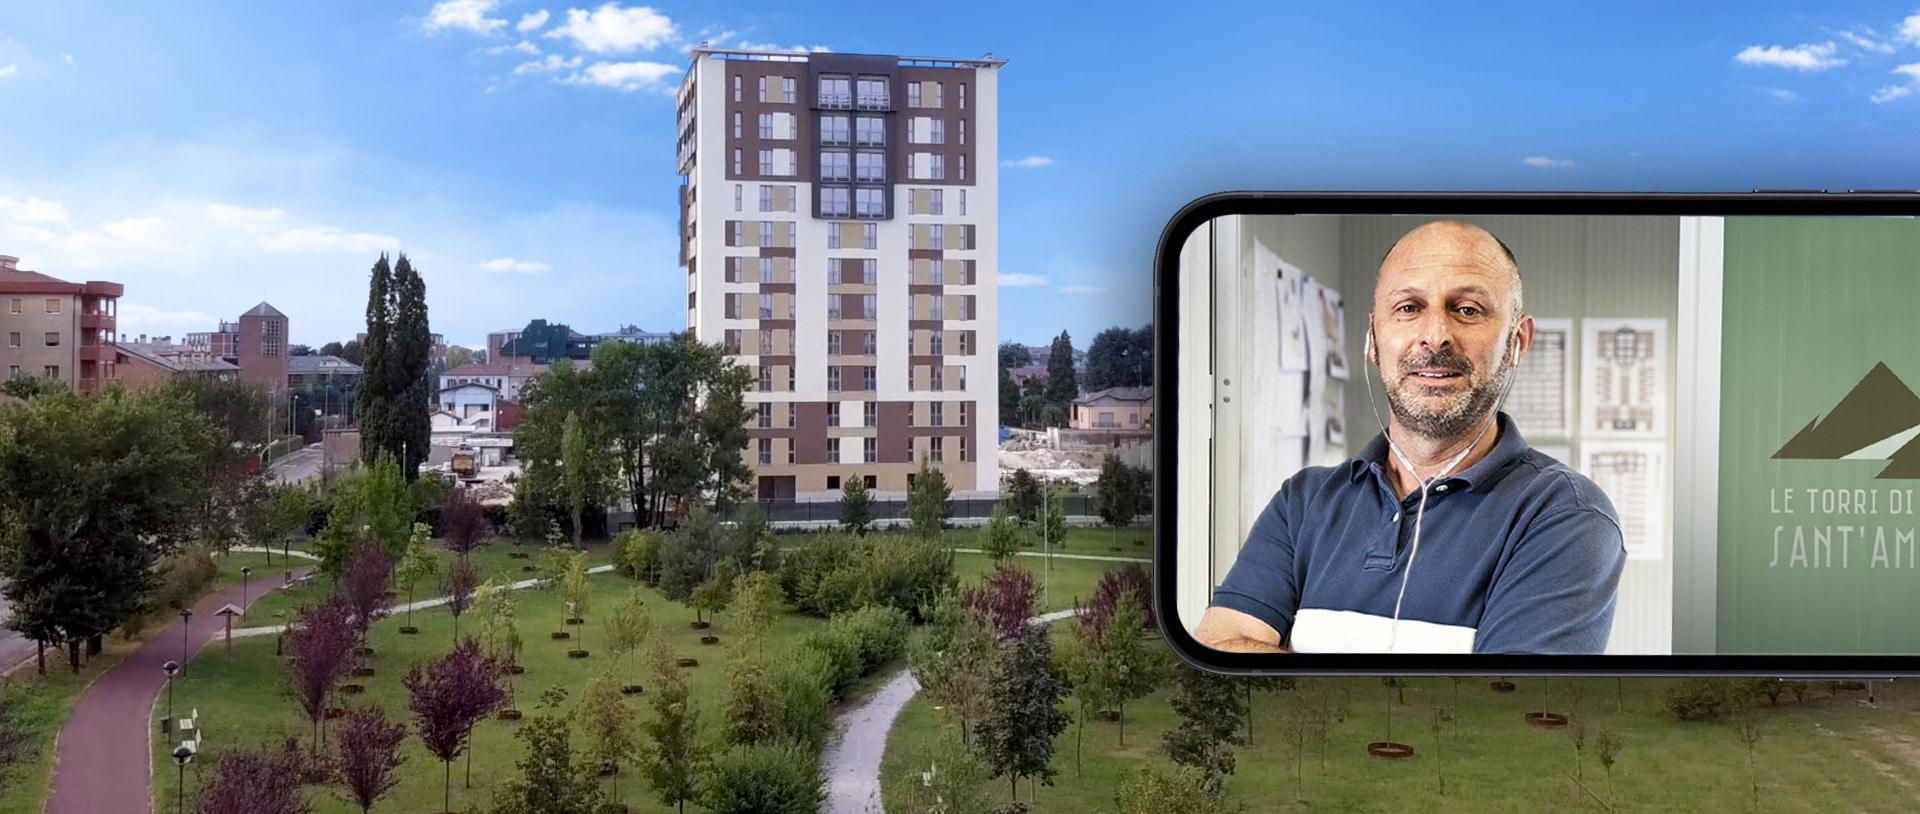 ultimi appartamenti disponibili Monza